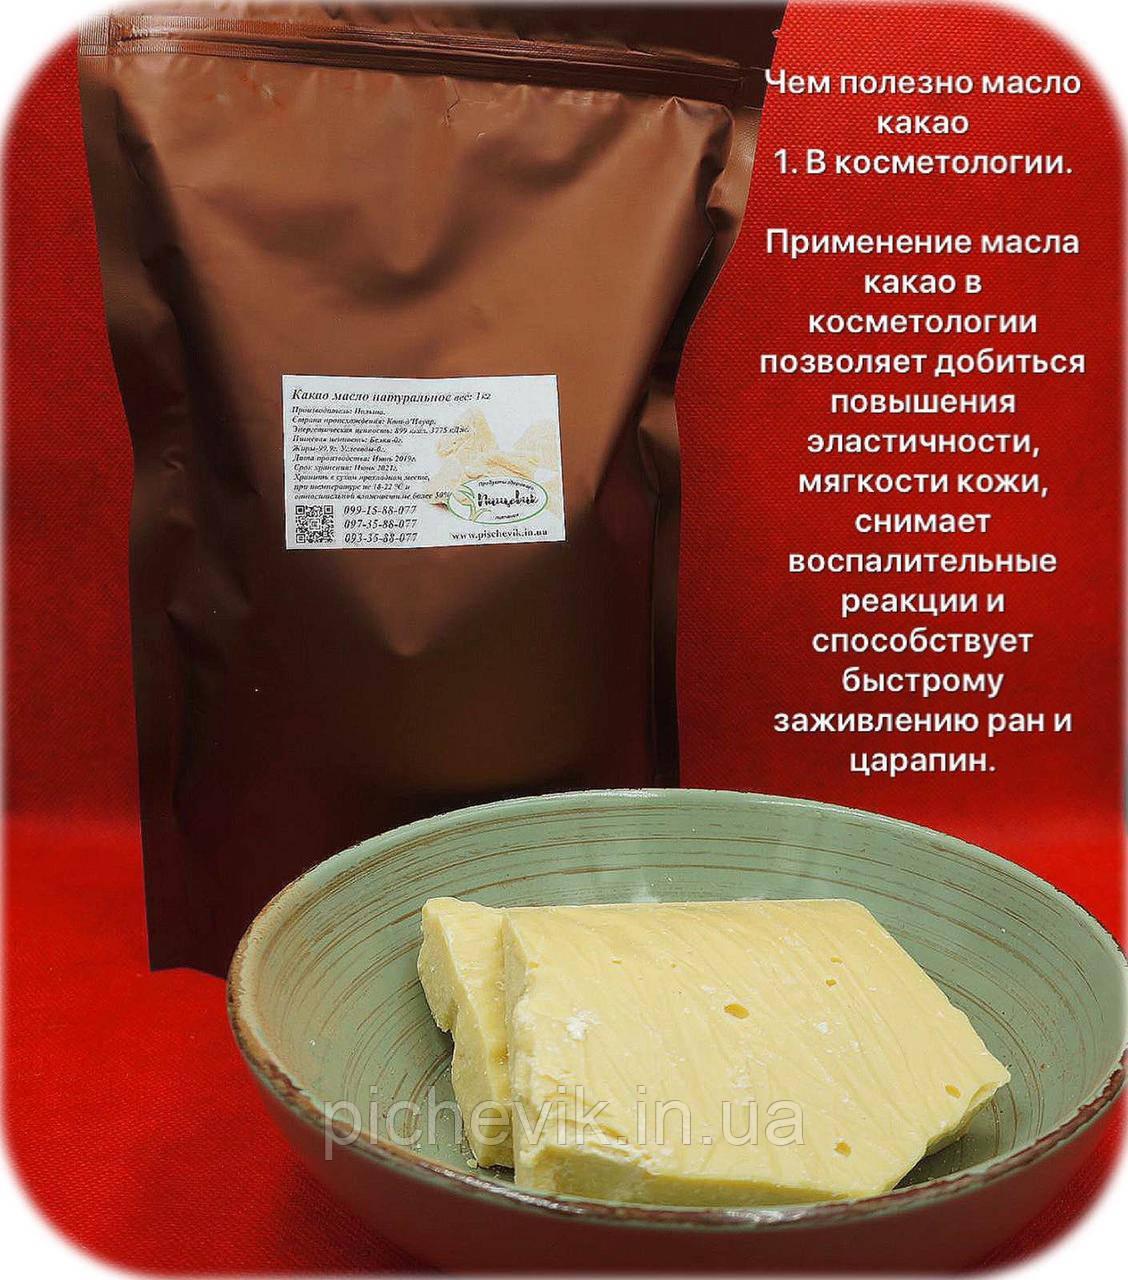 Какао масло натуральное (Польша) вес:150грамм.